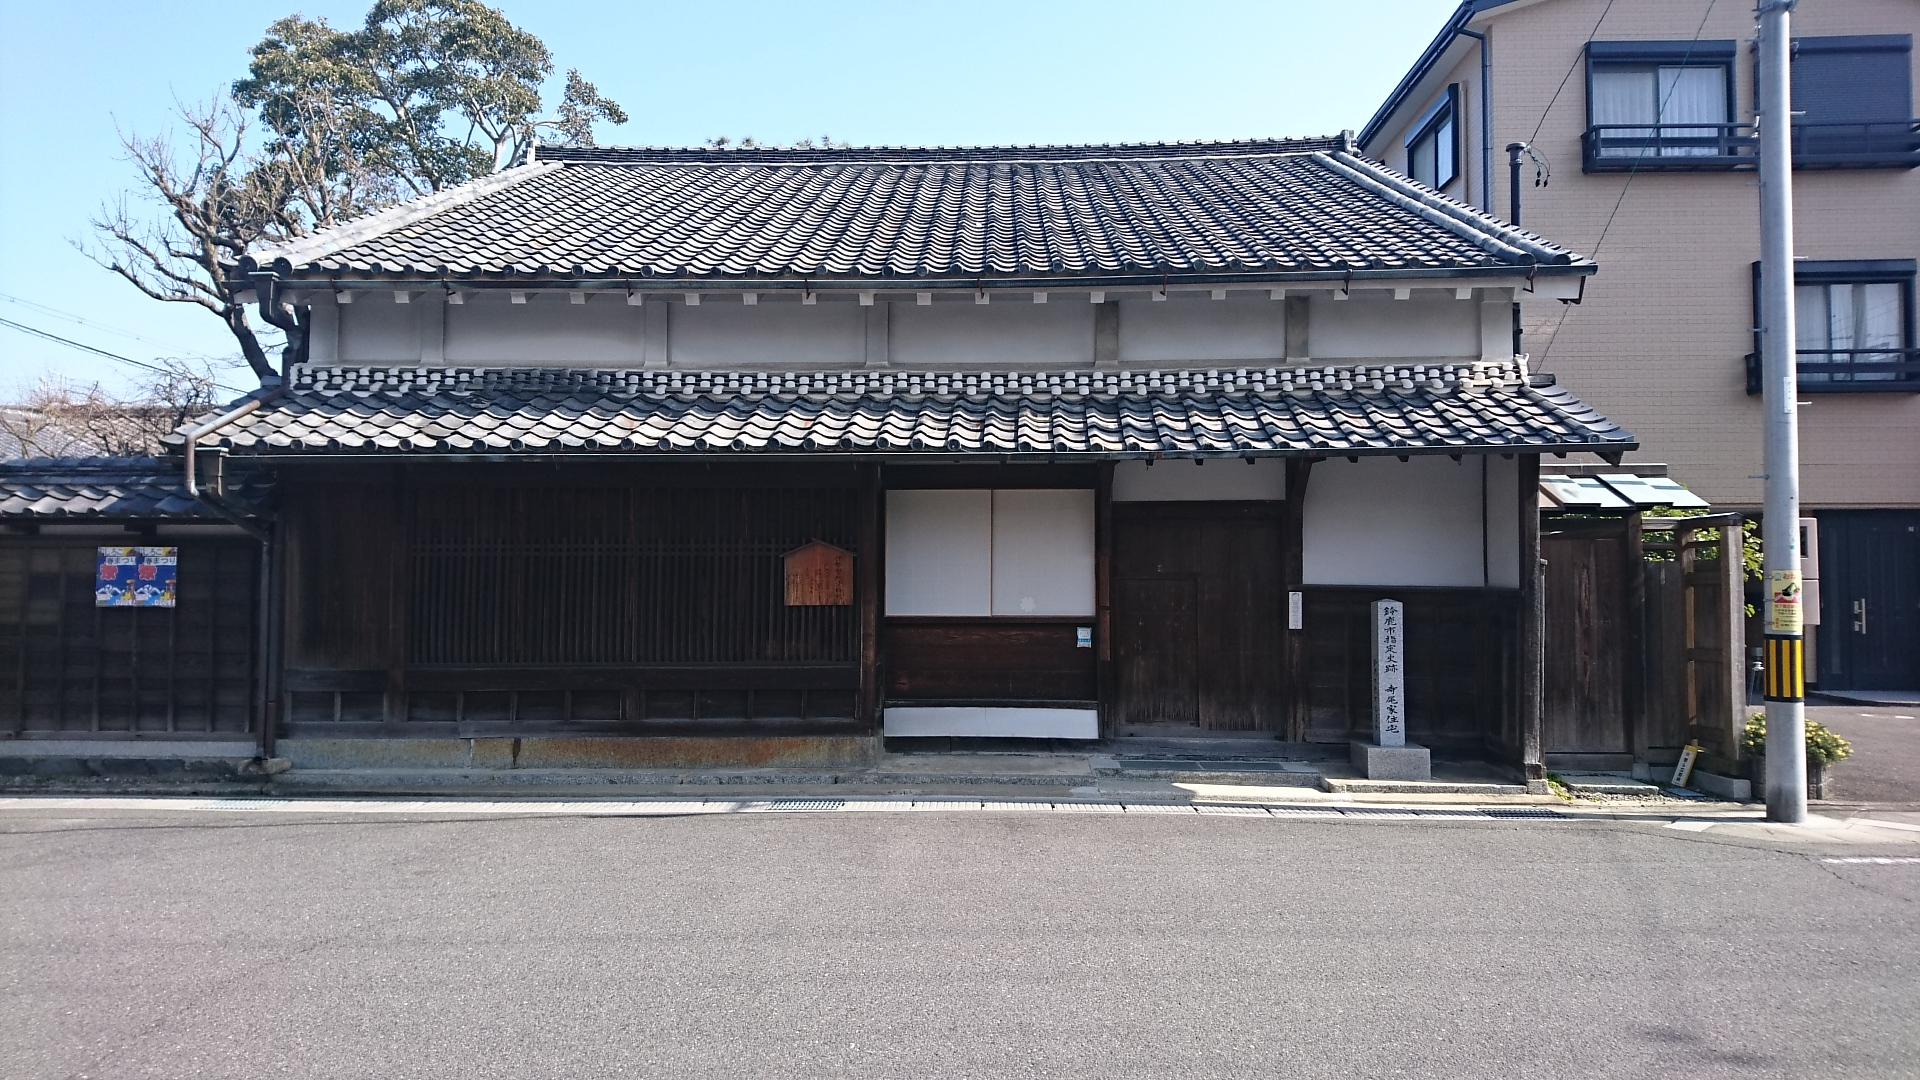 2018.3.13 白子 (61) 白子 - 伊勢型紙資料館(おもて) 1920-1080